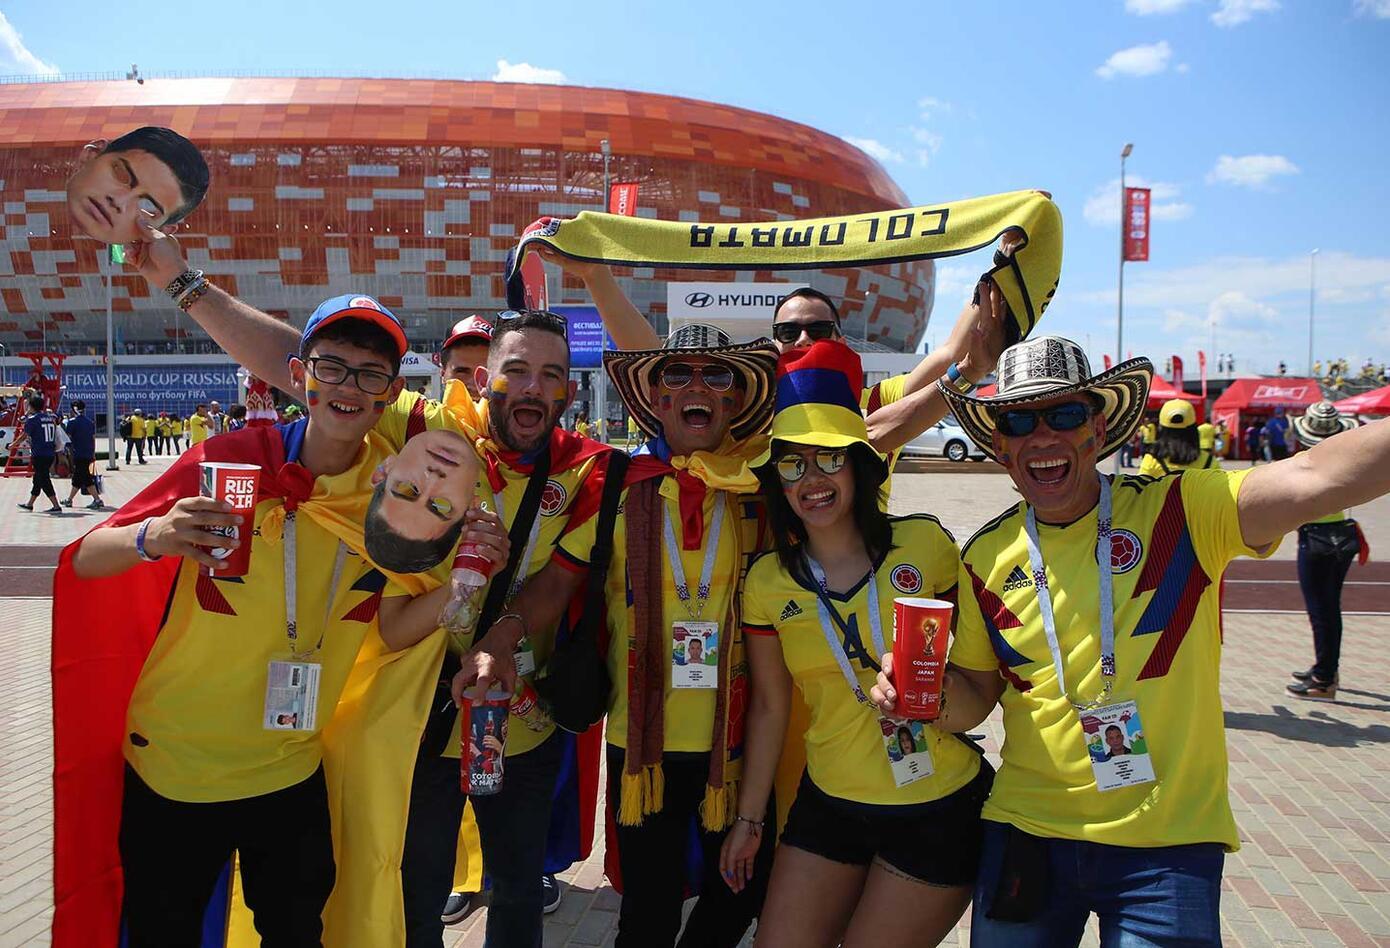 Colombianos acompañan a la Selección Colombia en Saranks